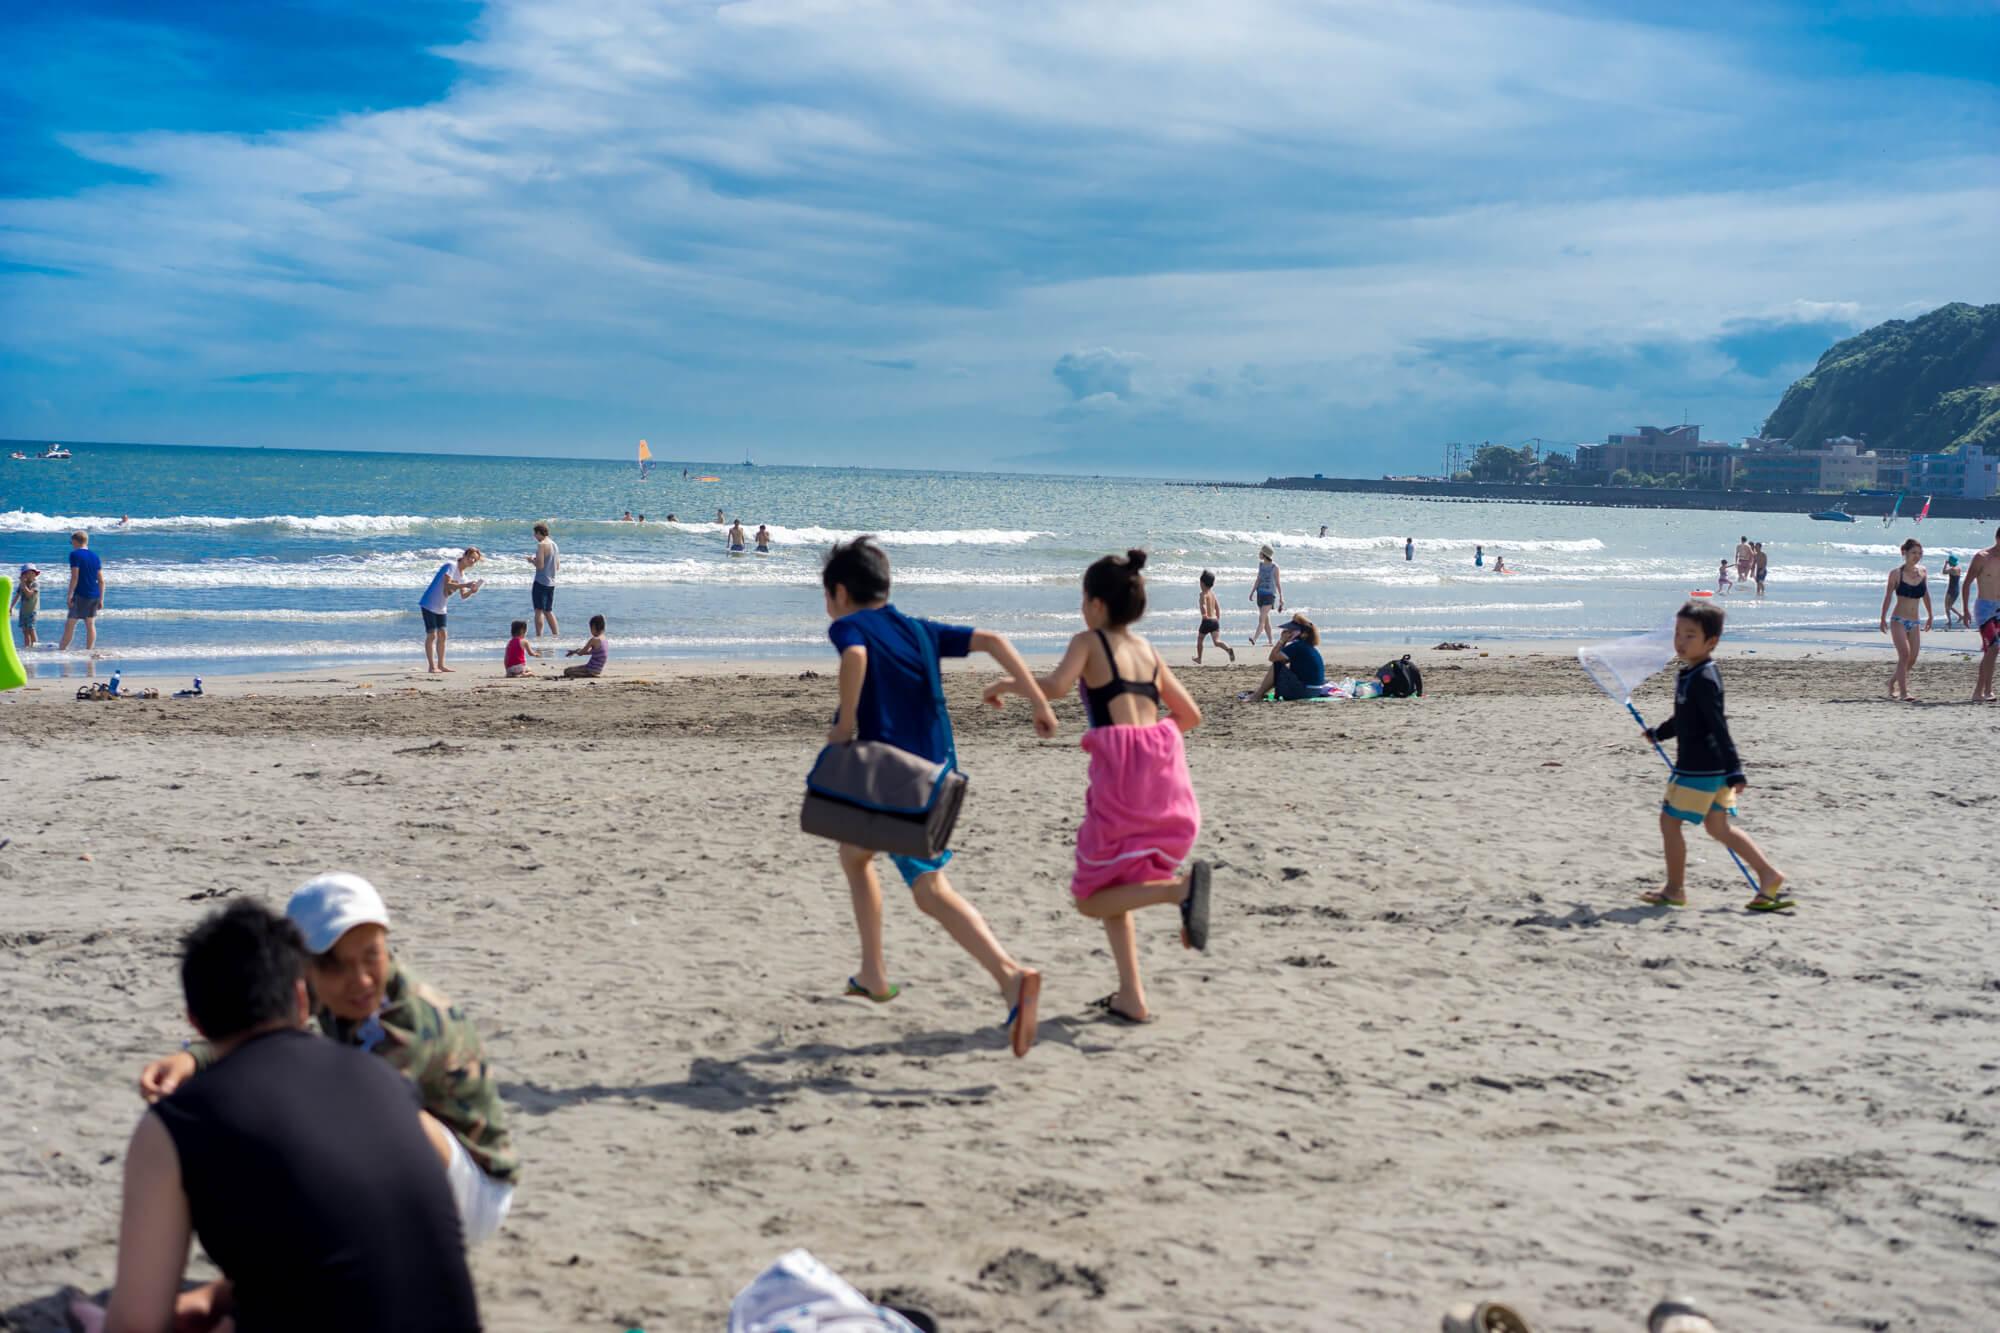 鎌倉の夏を写真で切り取る 青春を詰め込んだ浜辺、由比ヶ浜